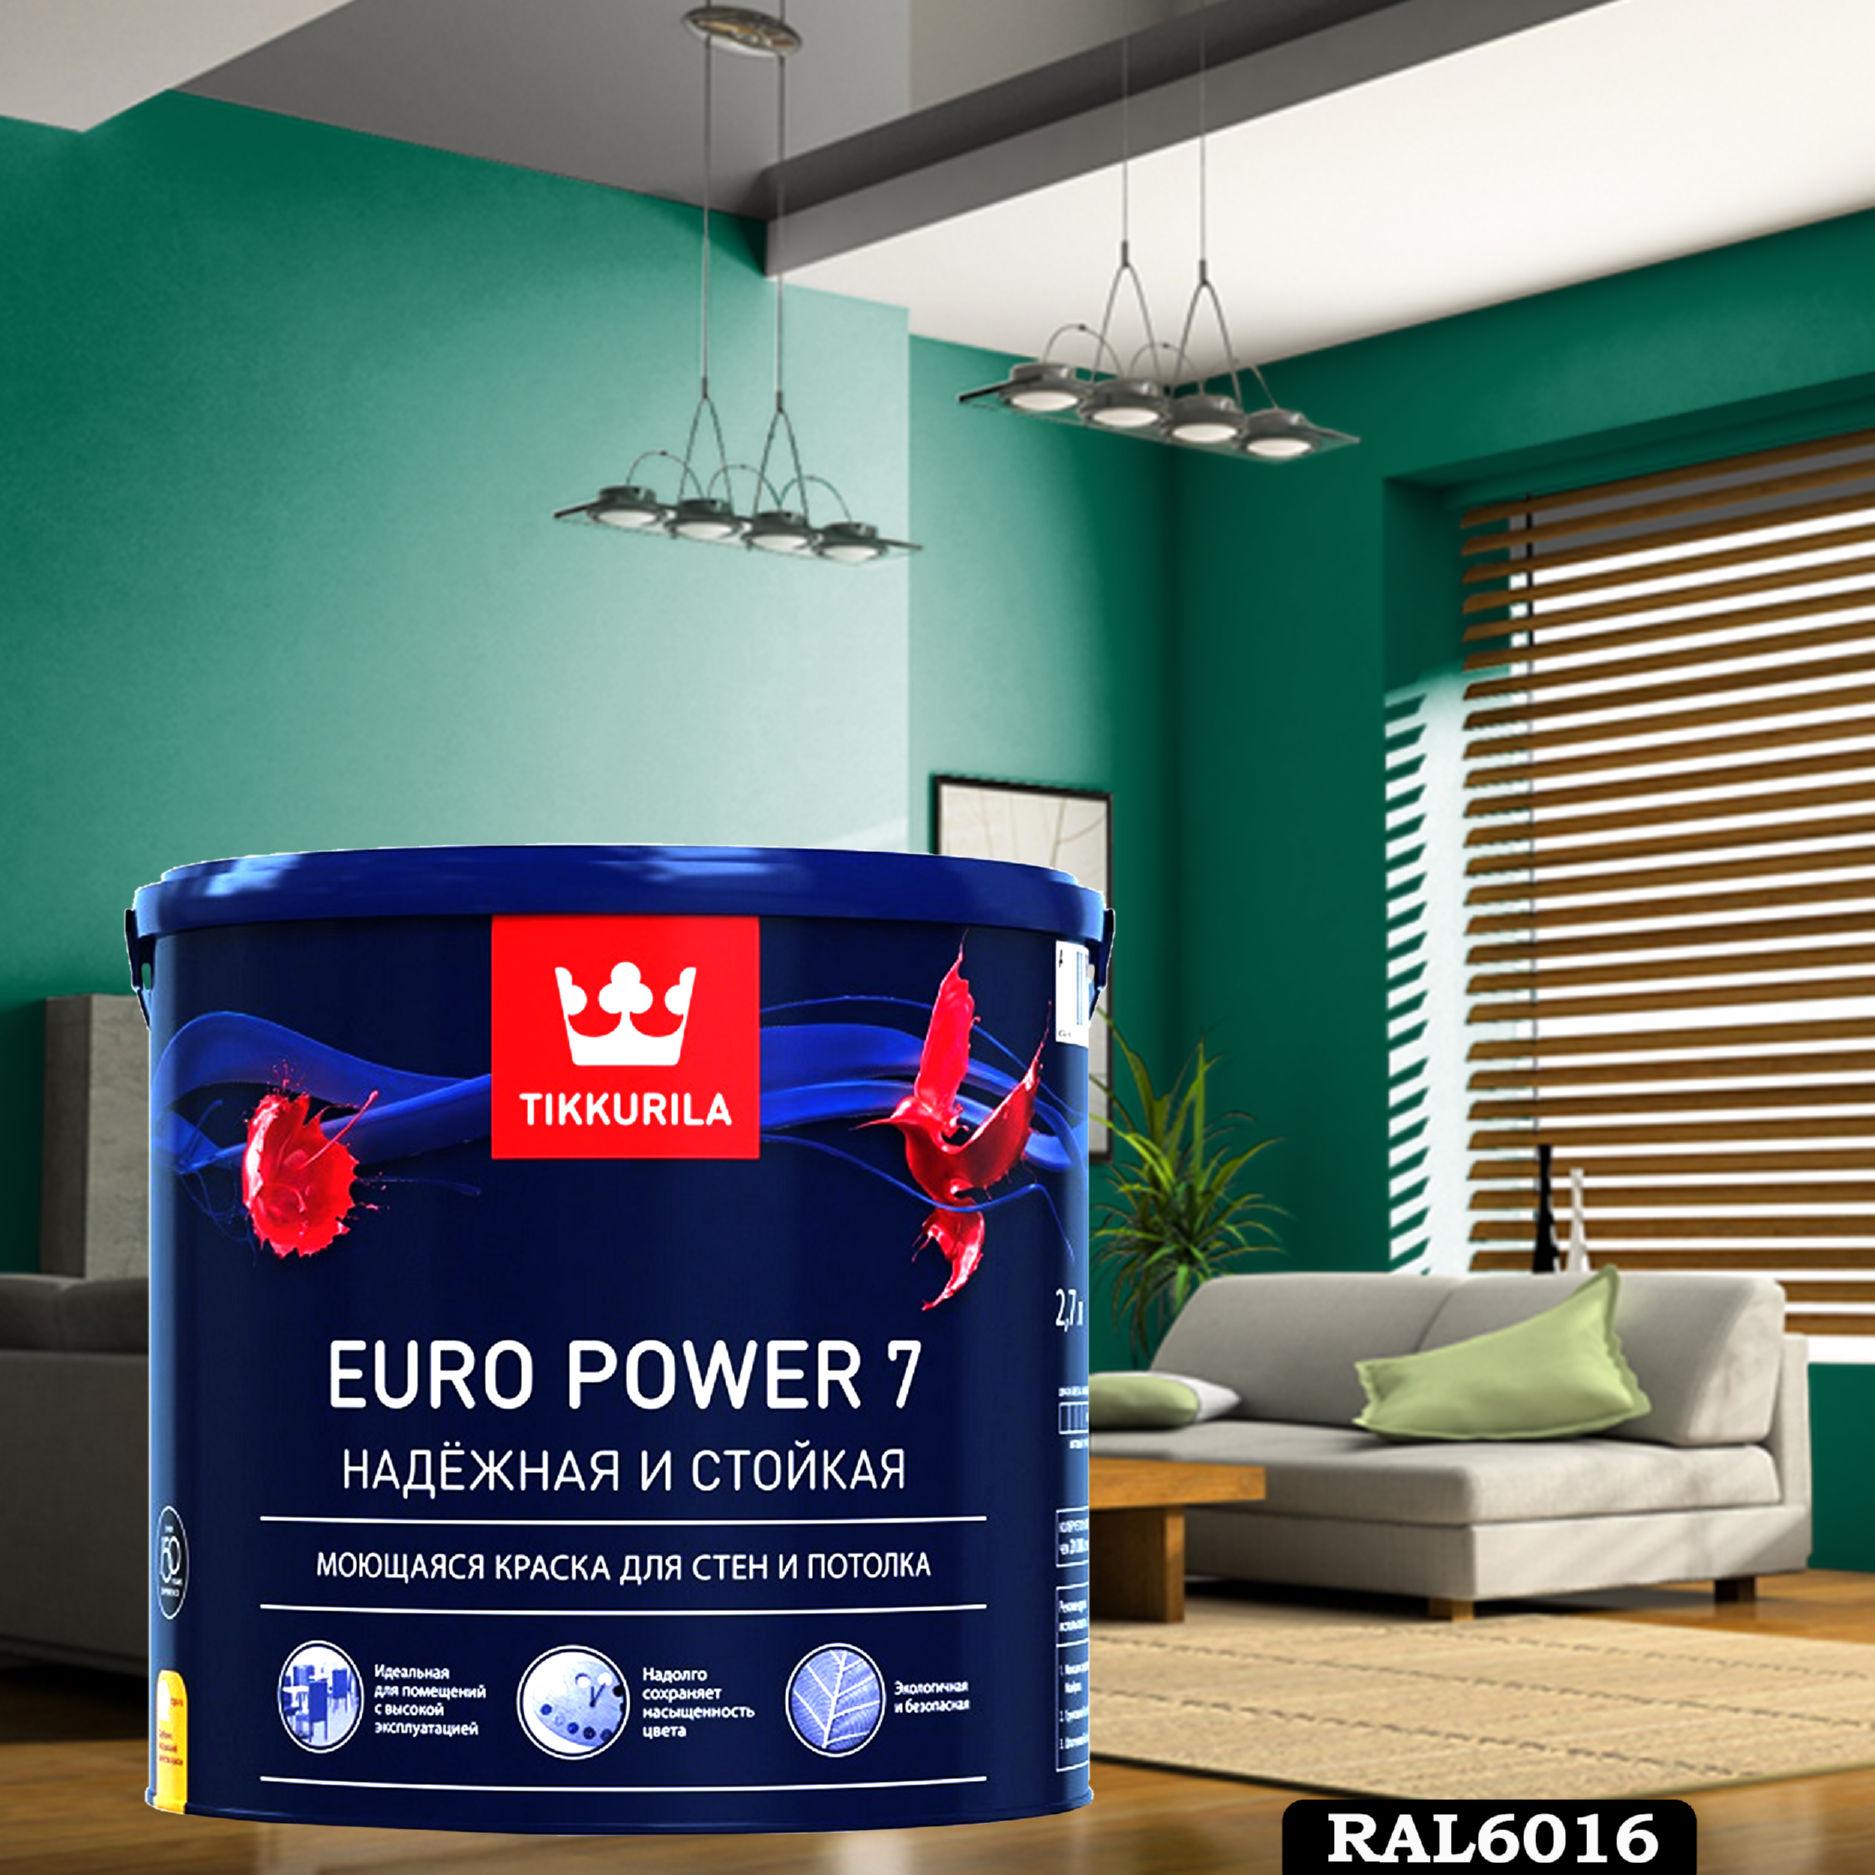 Фото 17 - Краска TIKKURILA Euro Power 7,  RAL 6016 Бирюзово-зелёный, латексная моющаяся матовая интерьерная, 9 л.